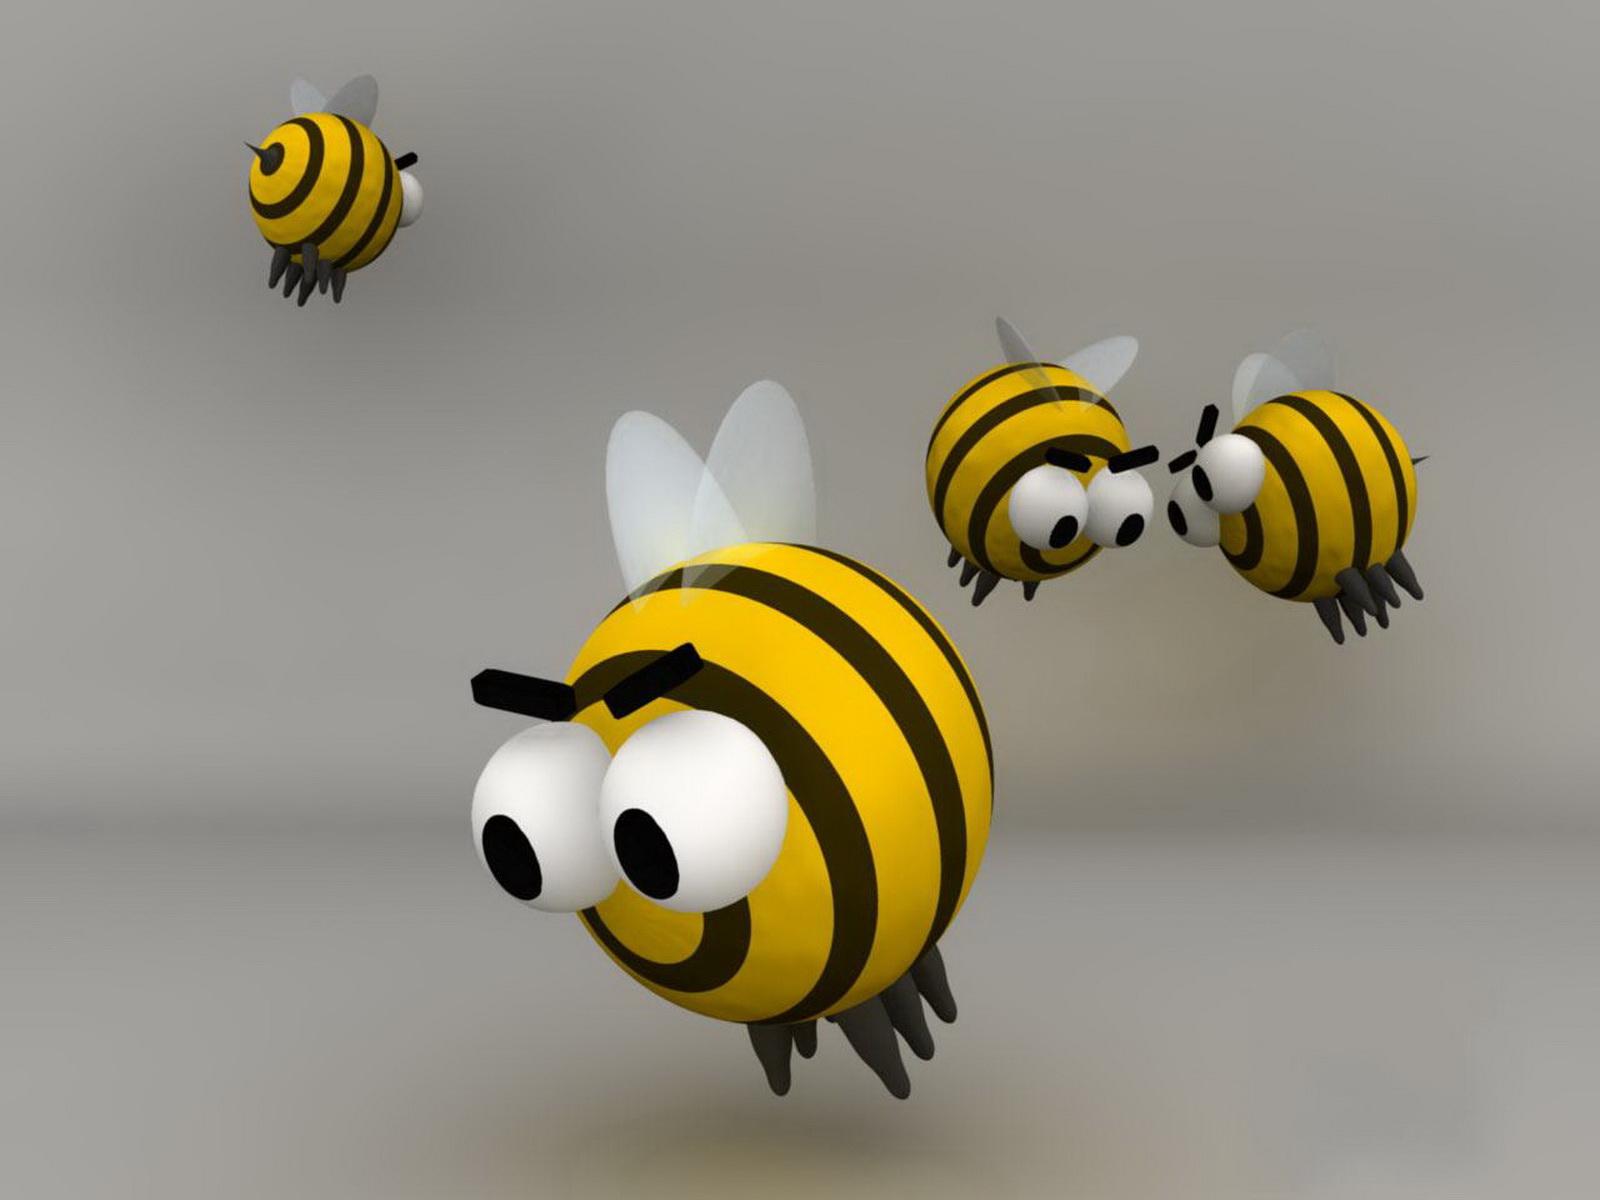 壁纸频道 动物高清壁纸; 动物高清壁纸_其它动物; 苹果园动物手机壁纸